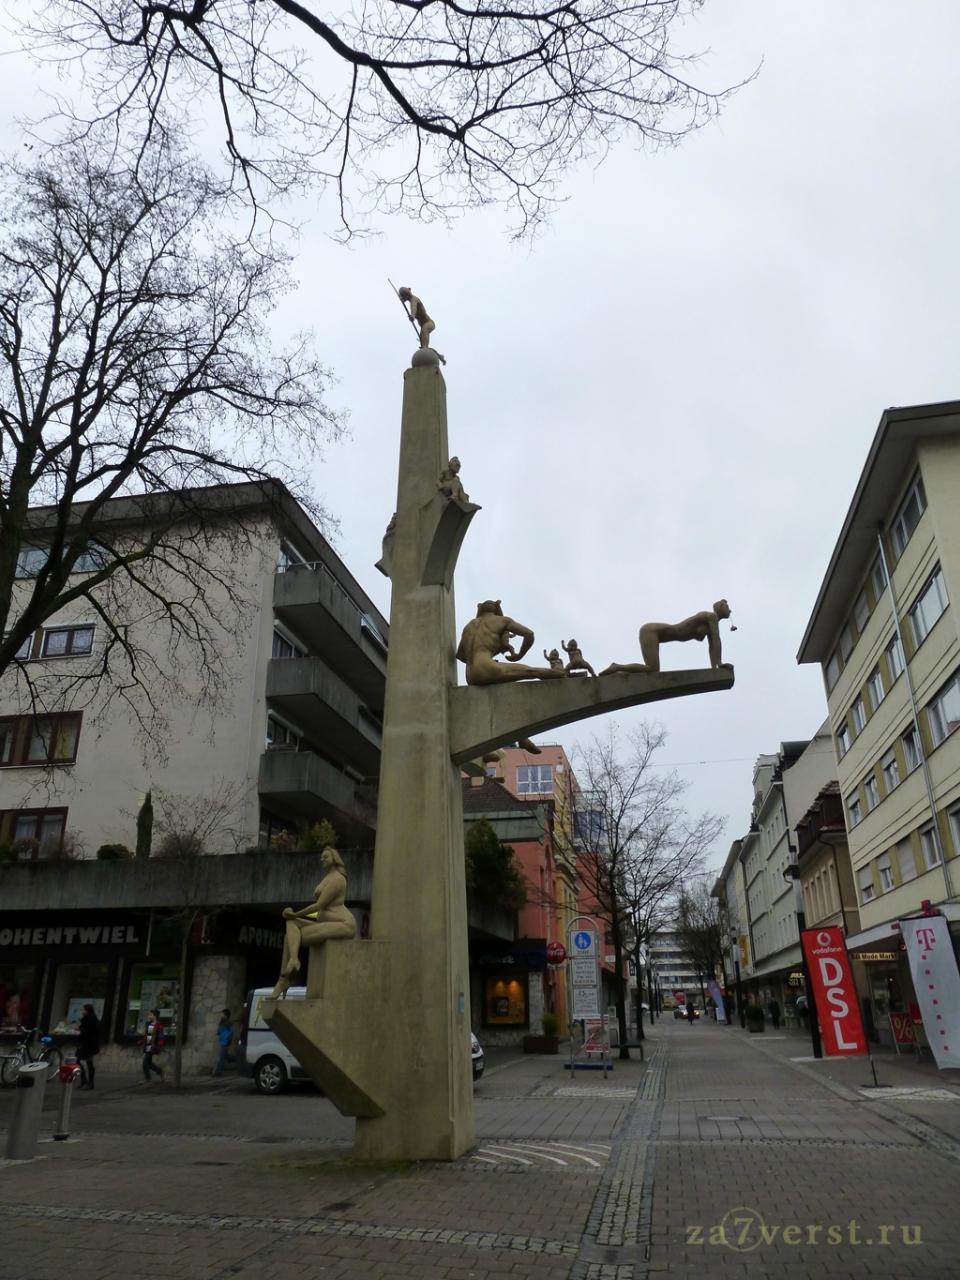 Зинген, Германия